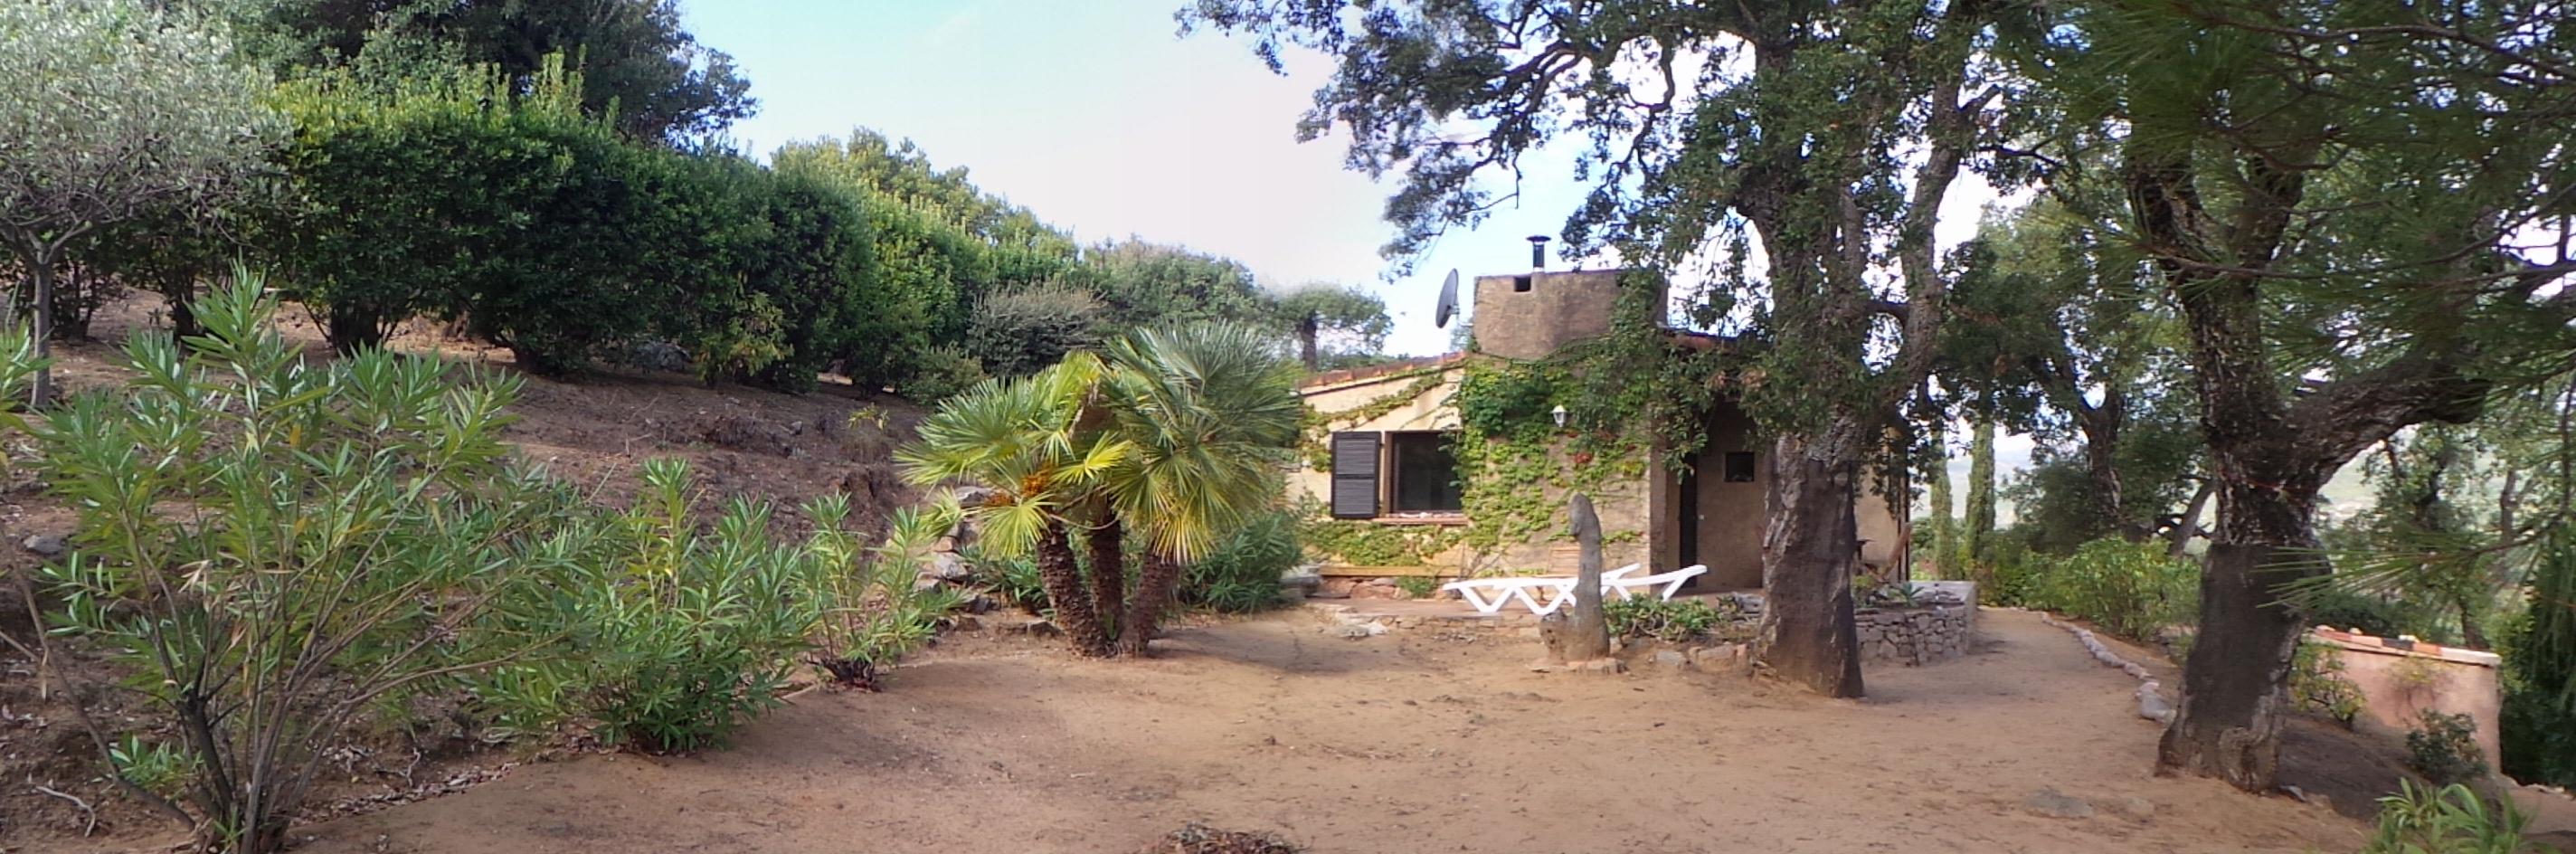 Villa n 93 olmuccio h tel r sidence for Jardin 93